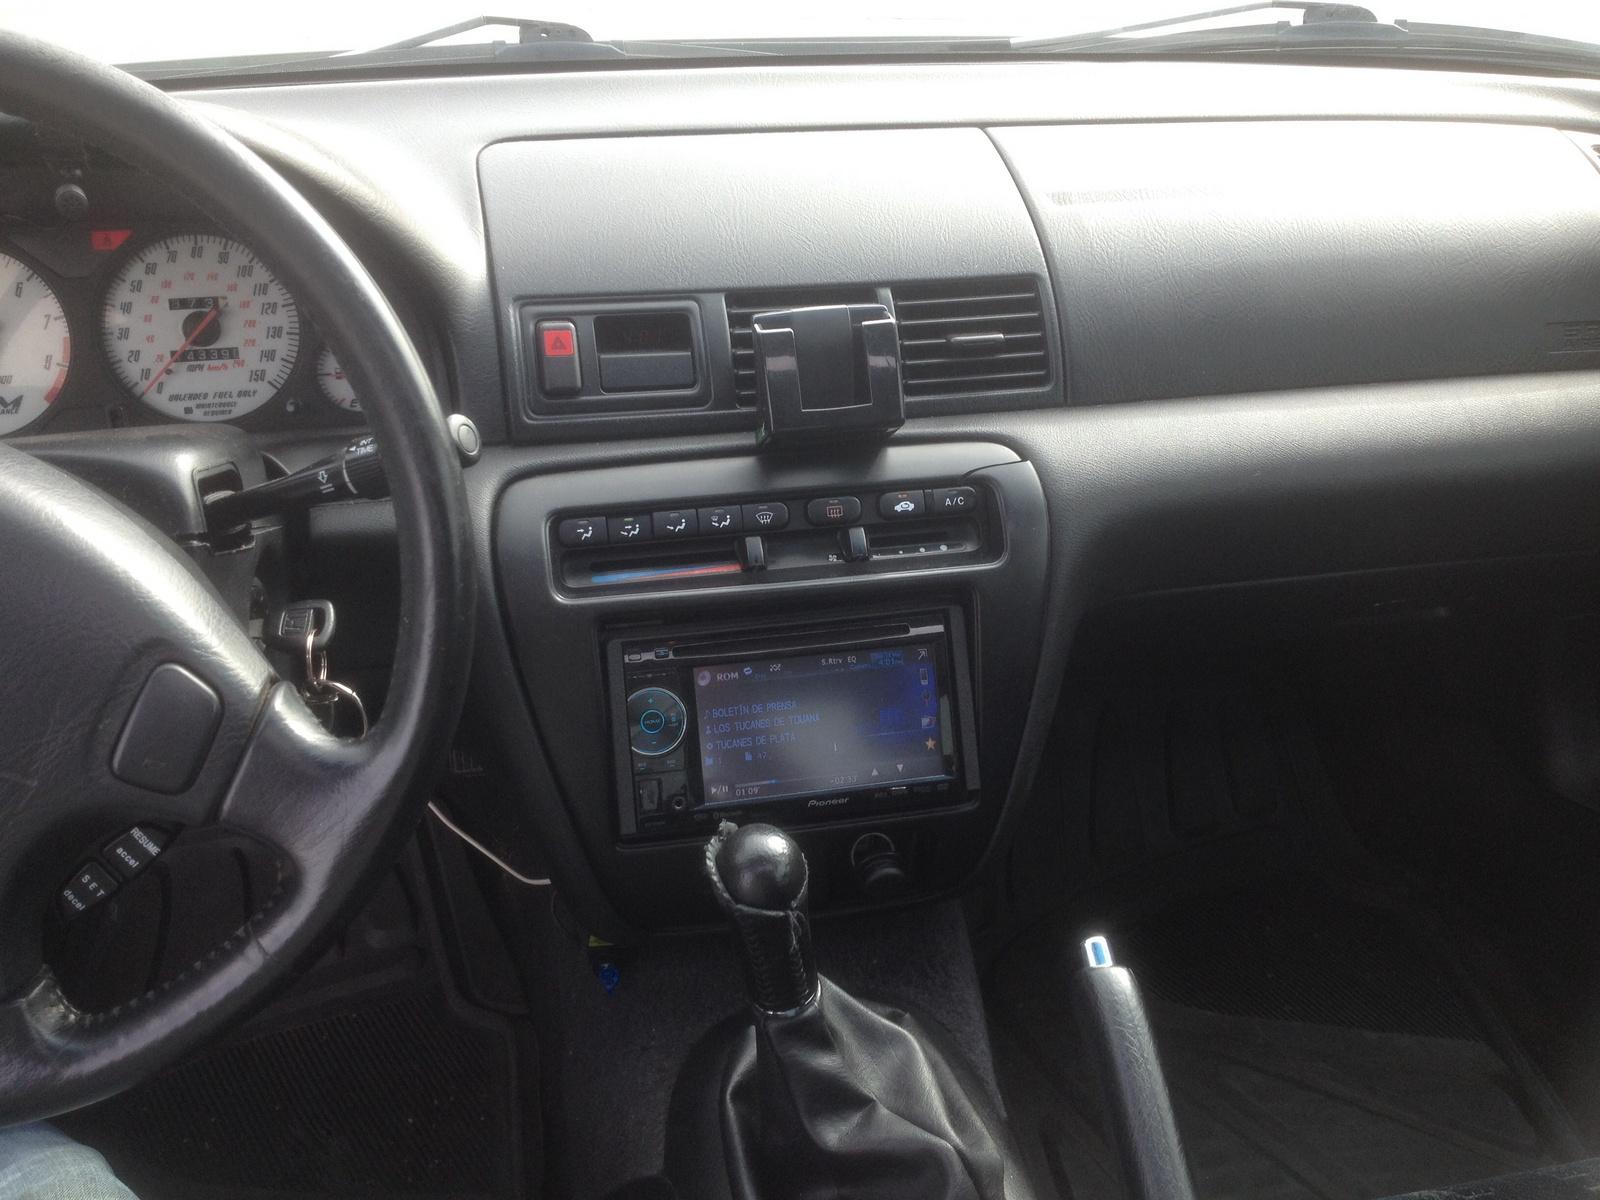 2000 Honda Prelude - Interior Pictures - CarGurus